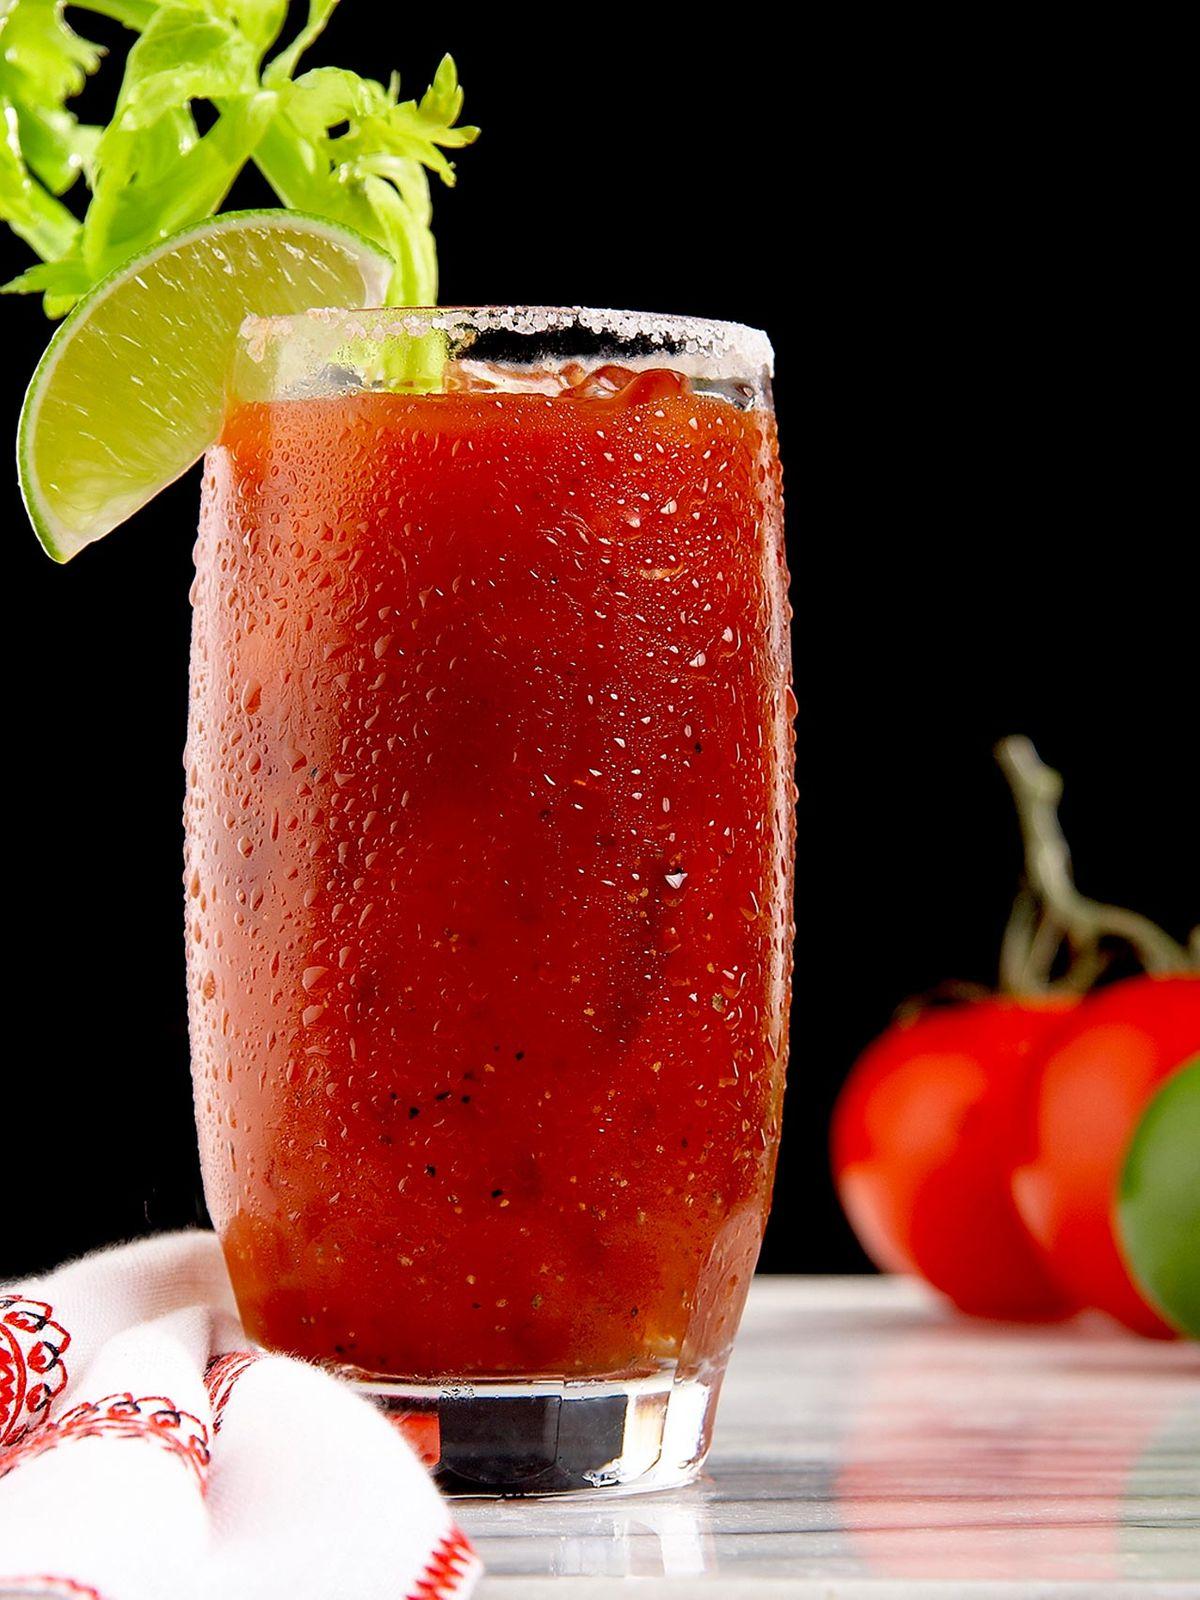 kevin_marple_food_beverage_Dallas_33.jpg